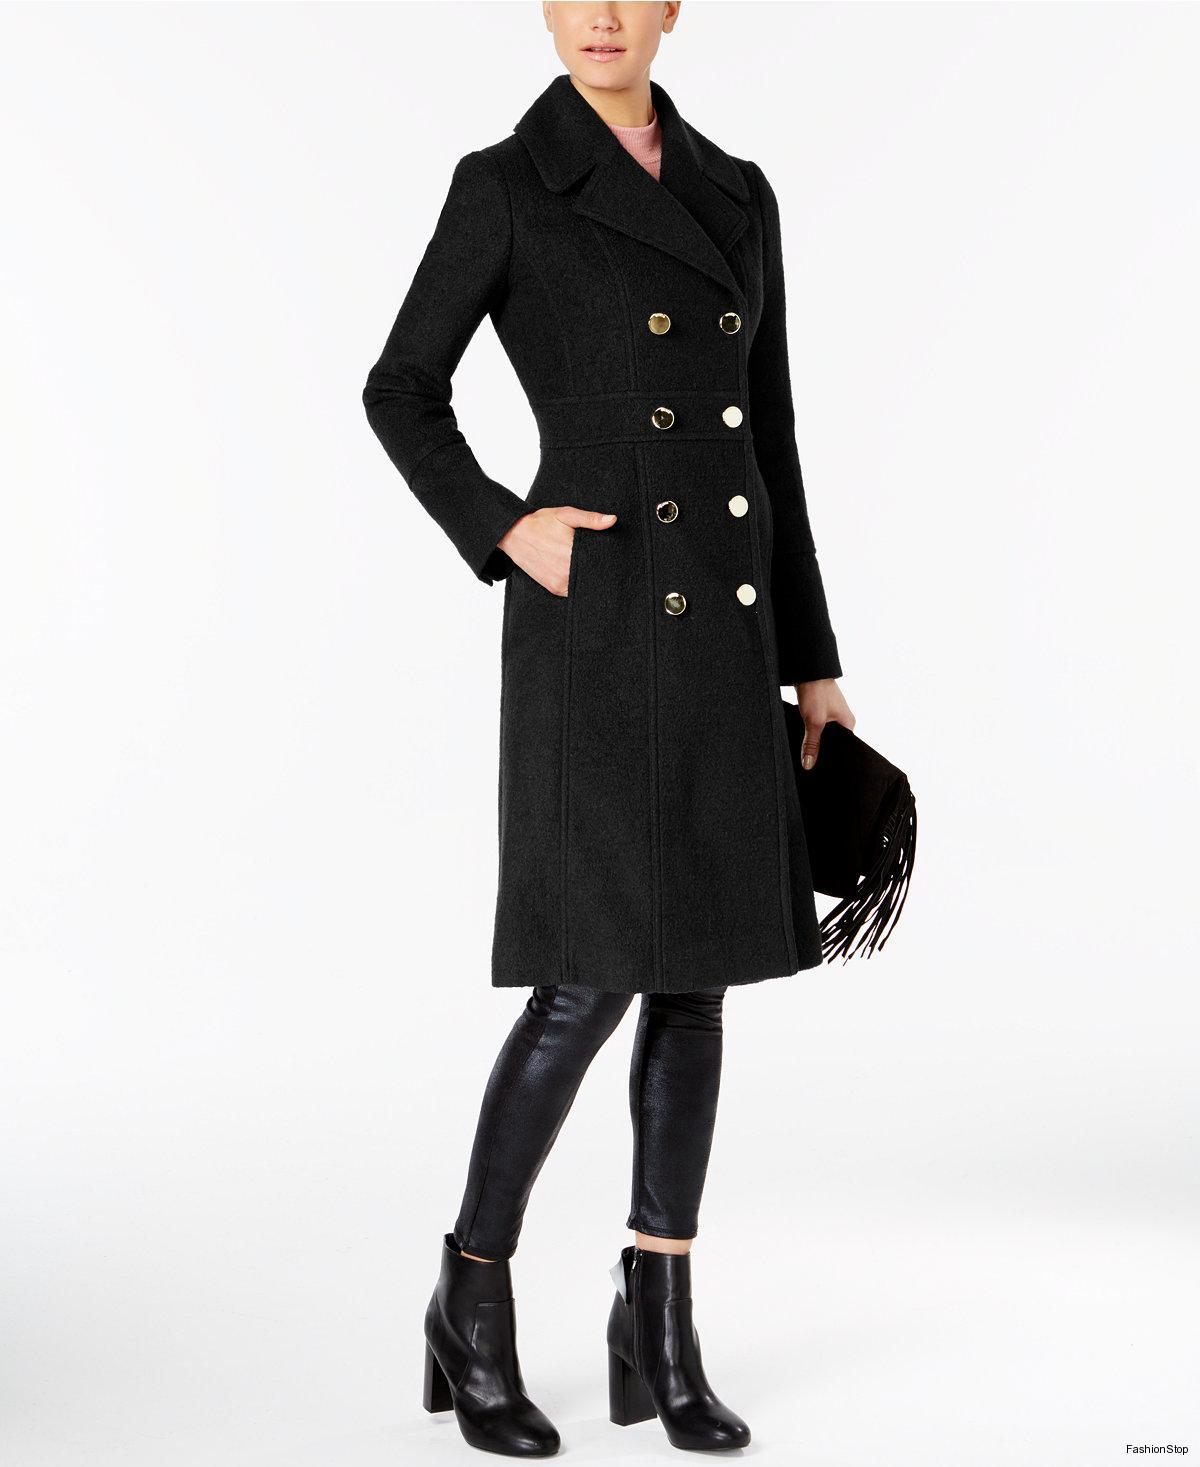 b5623a10b Dámský kabát Guess Peacoat | Fashion stop